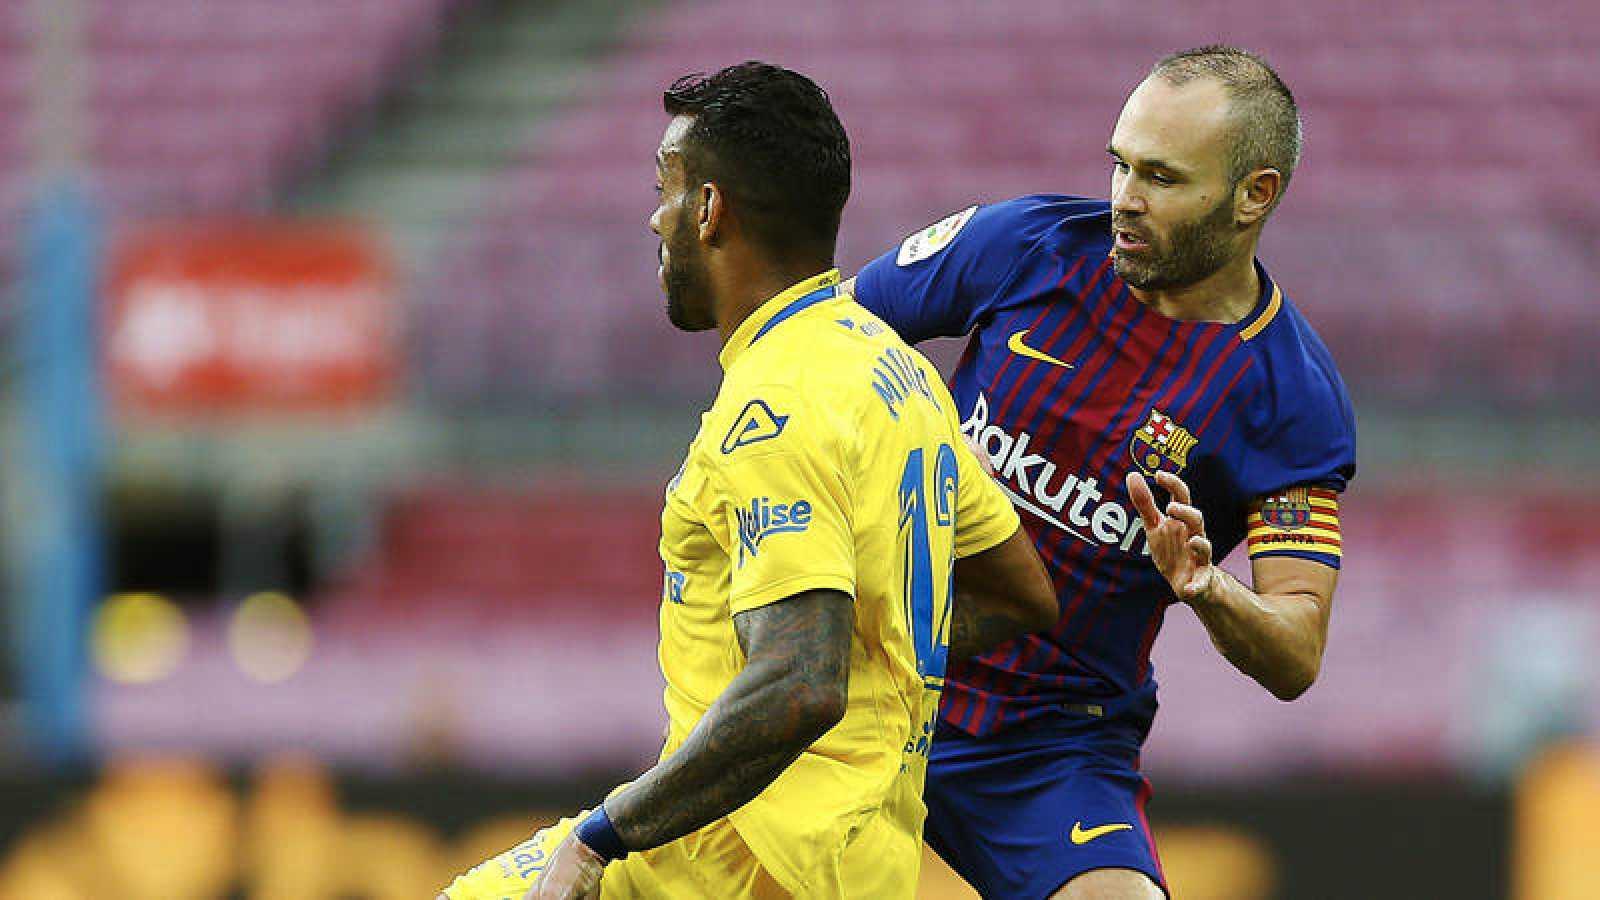 Iniesta disputa un balón con el jugador de Las Palmas Míchel Macedo.